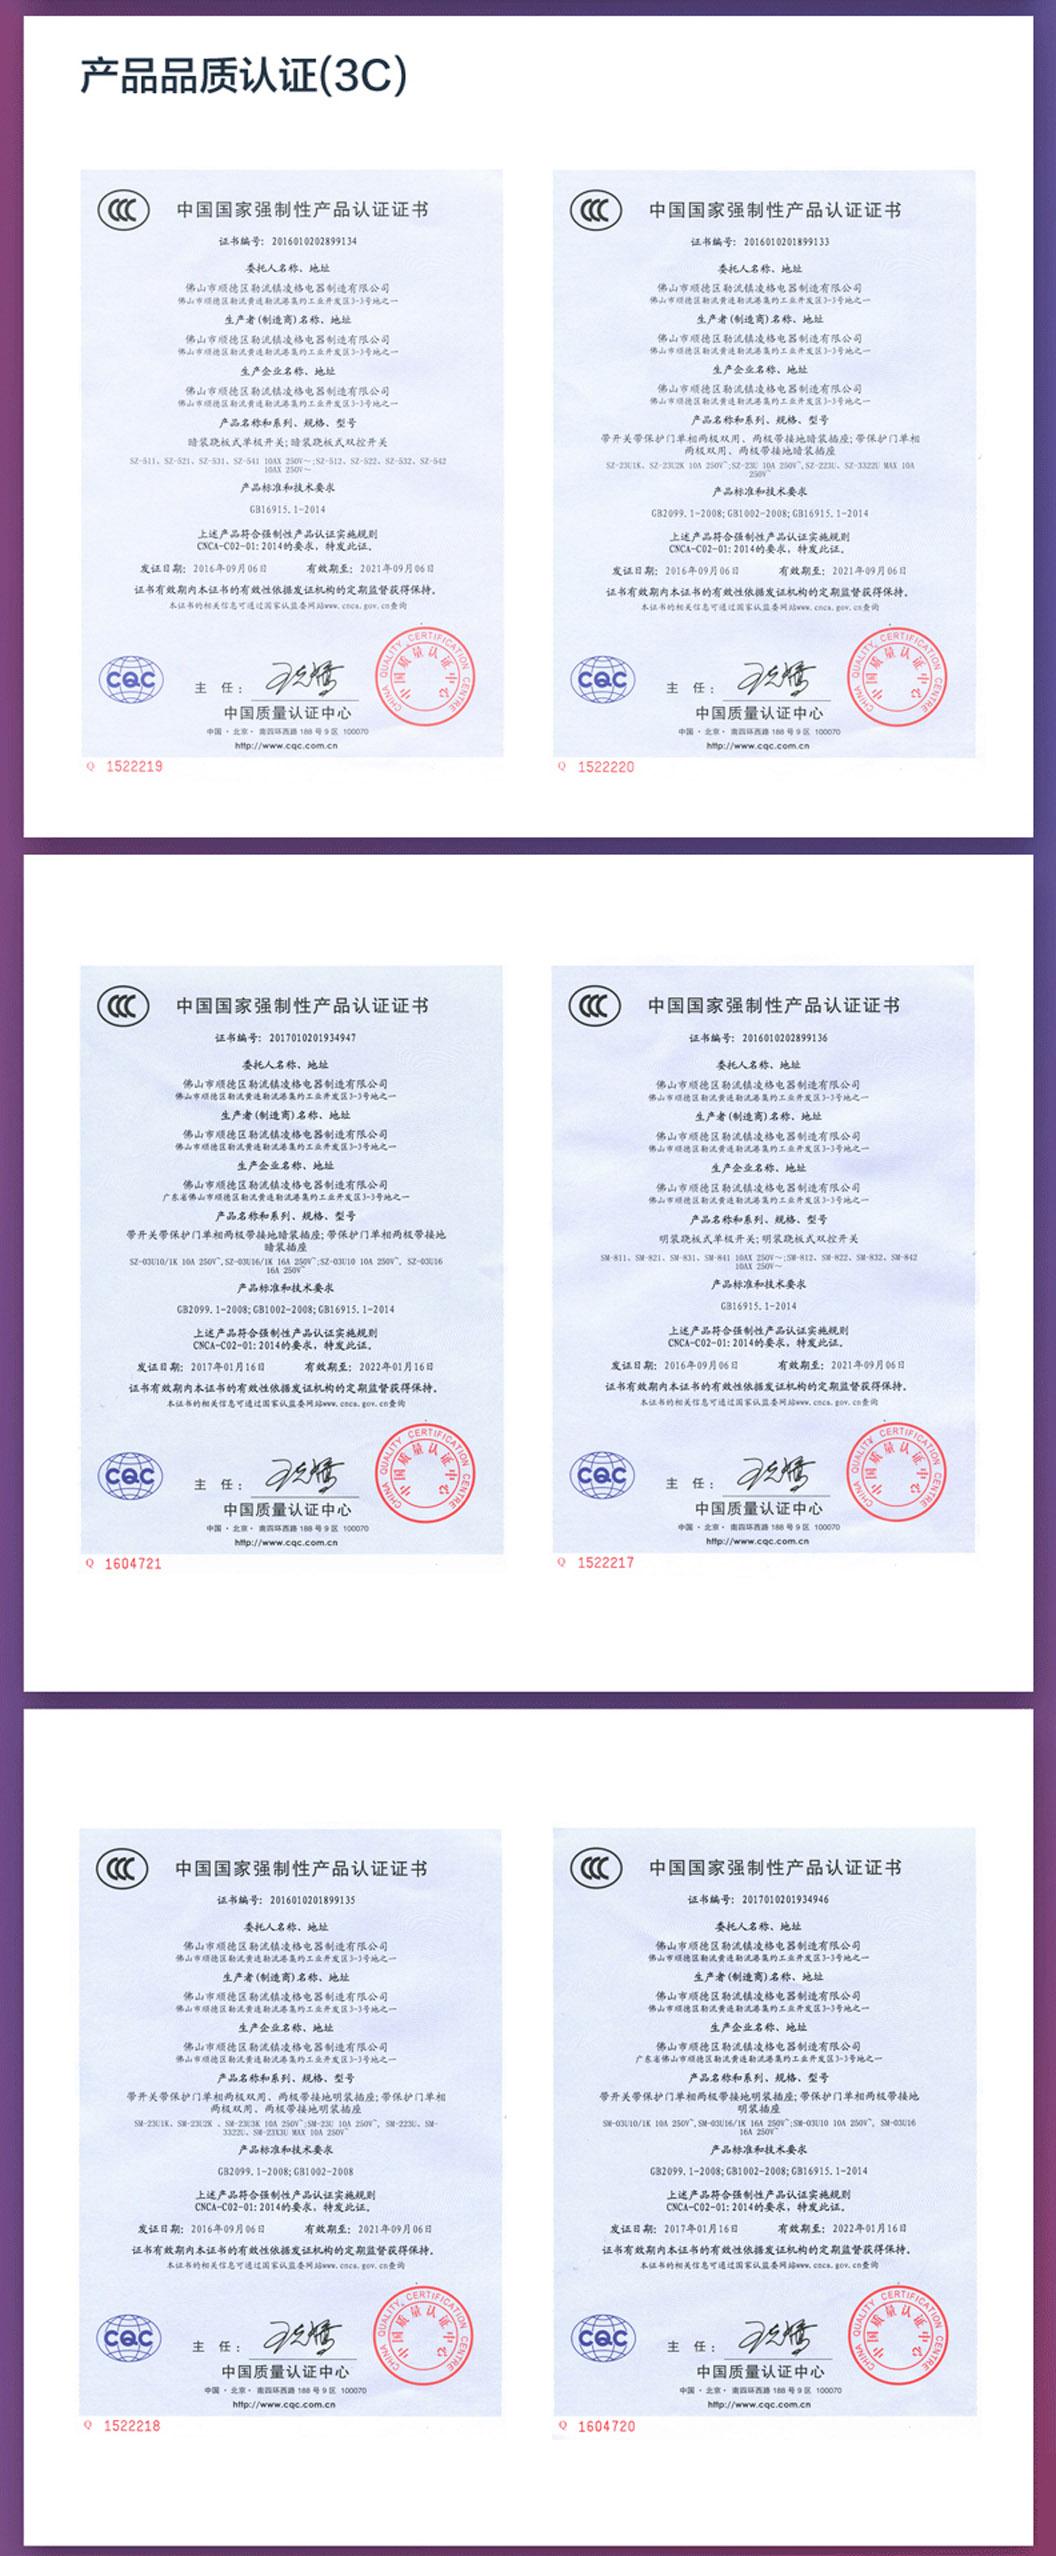 產品品質認證(3C)